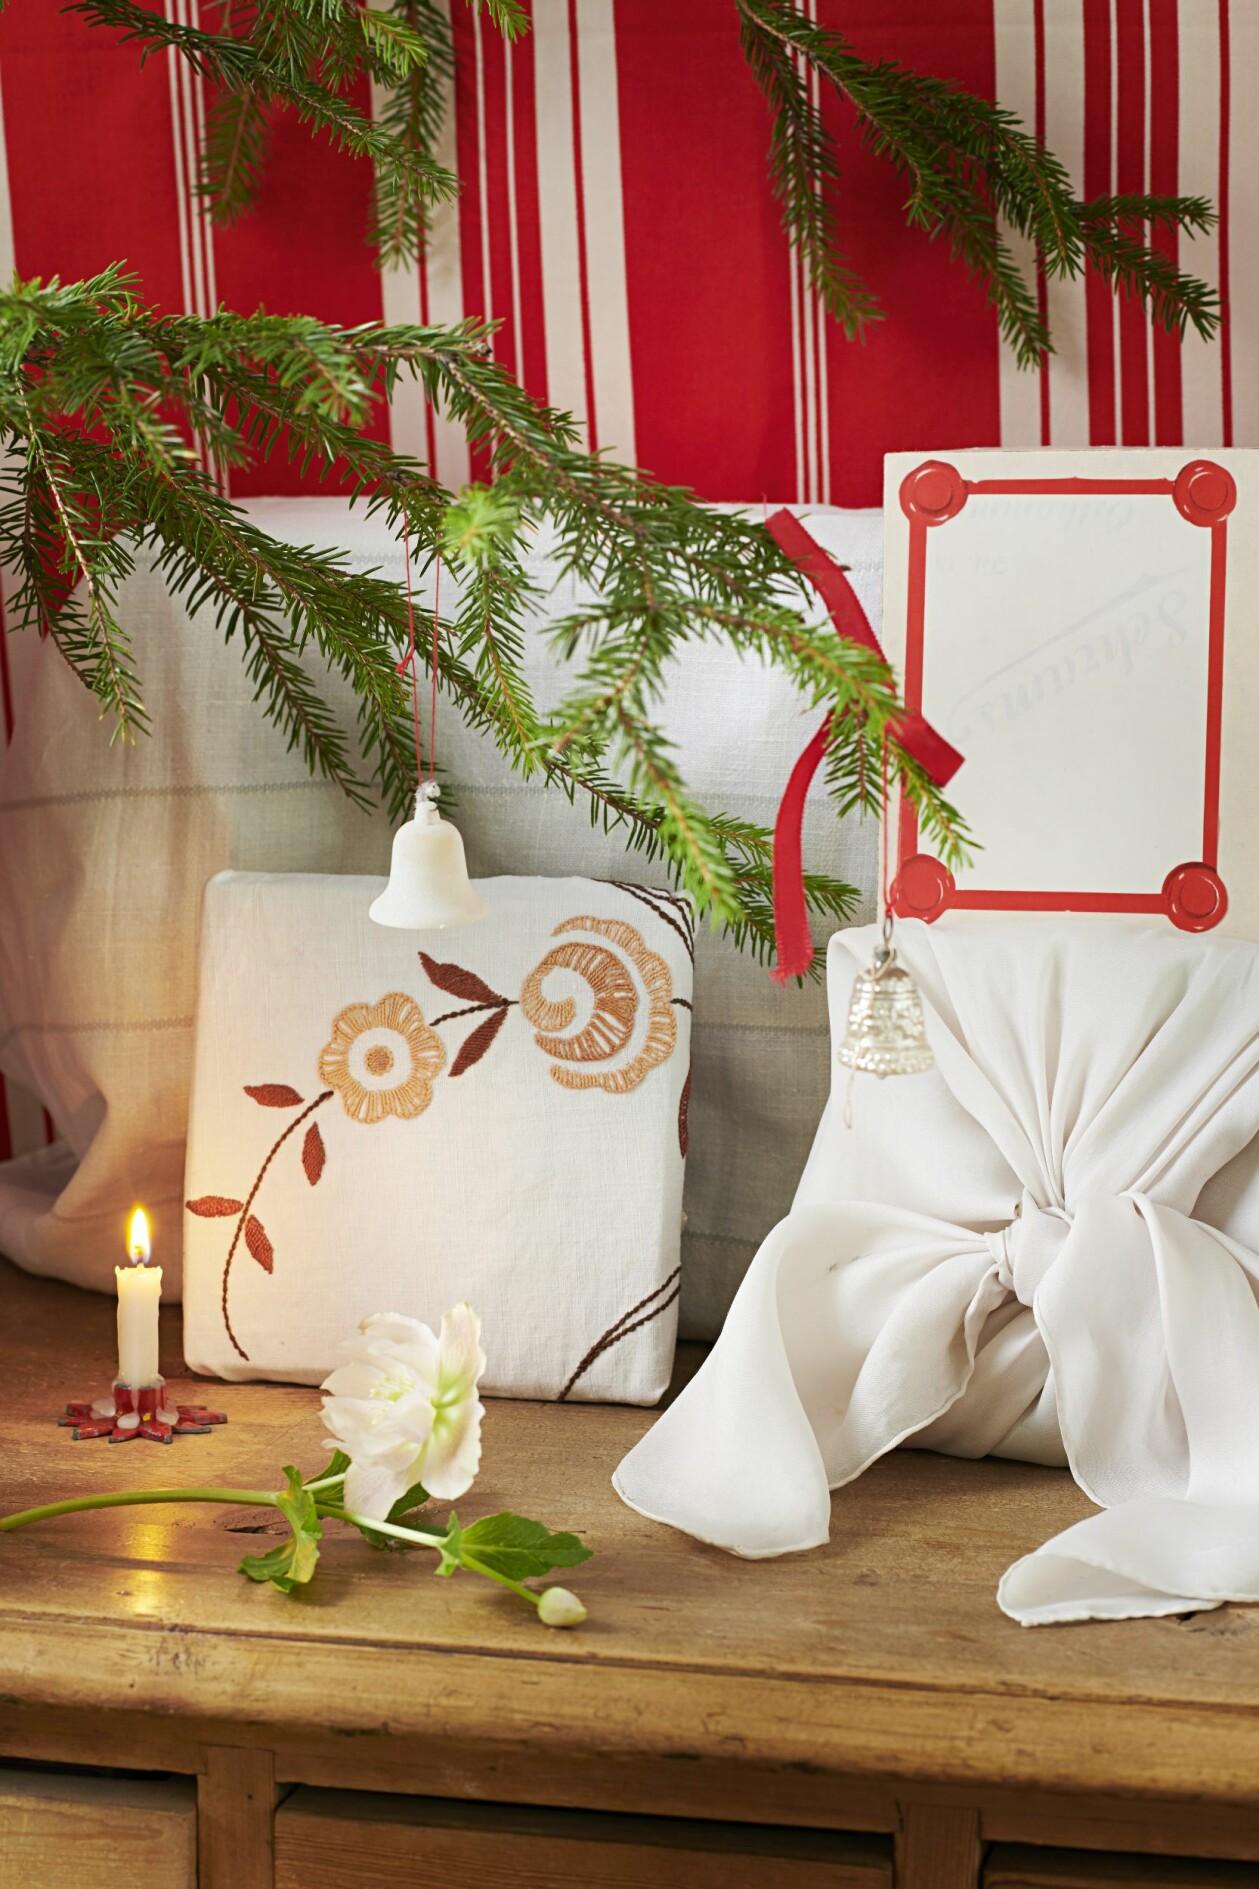 Slå in paket med dukar, lakan, sjalar eller något annat tyg för att variera dina julklappar.